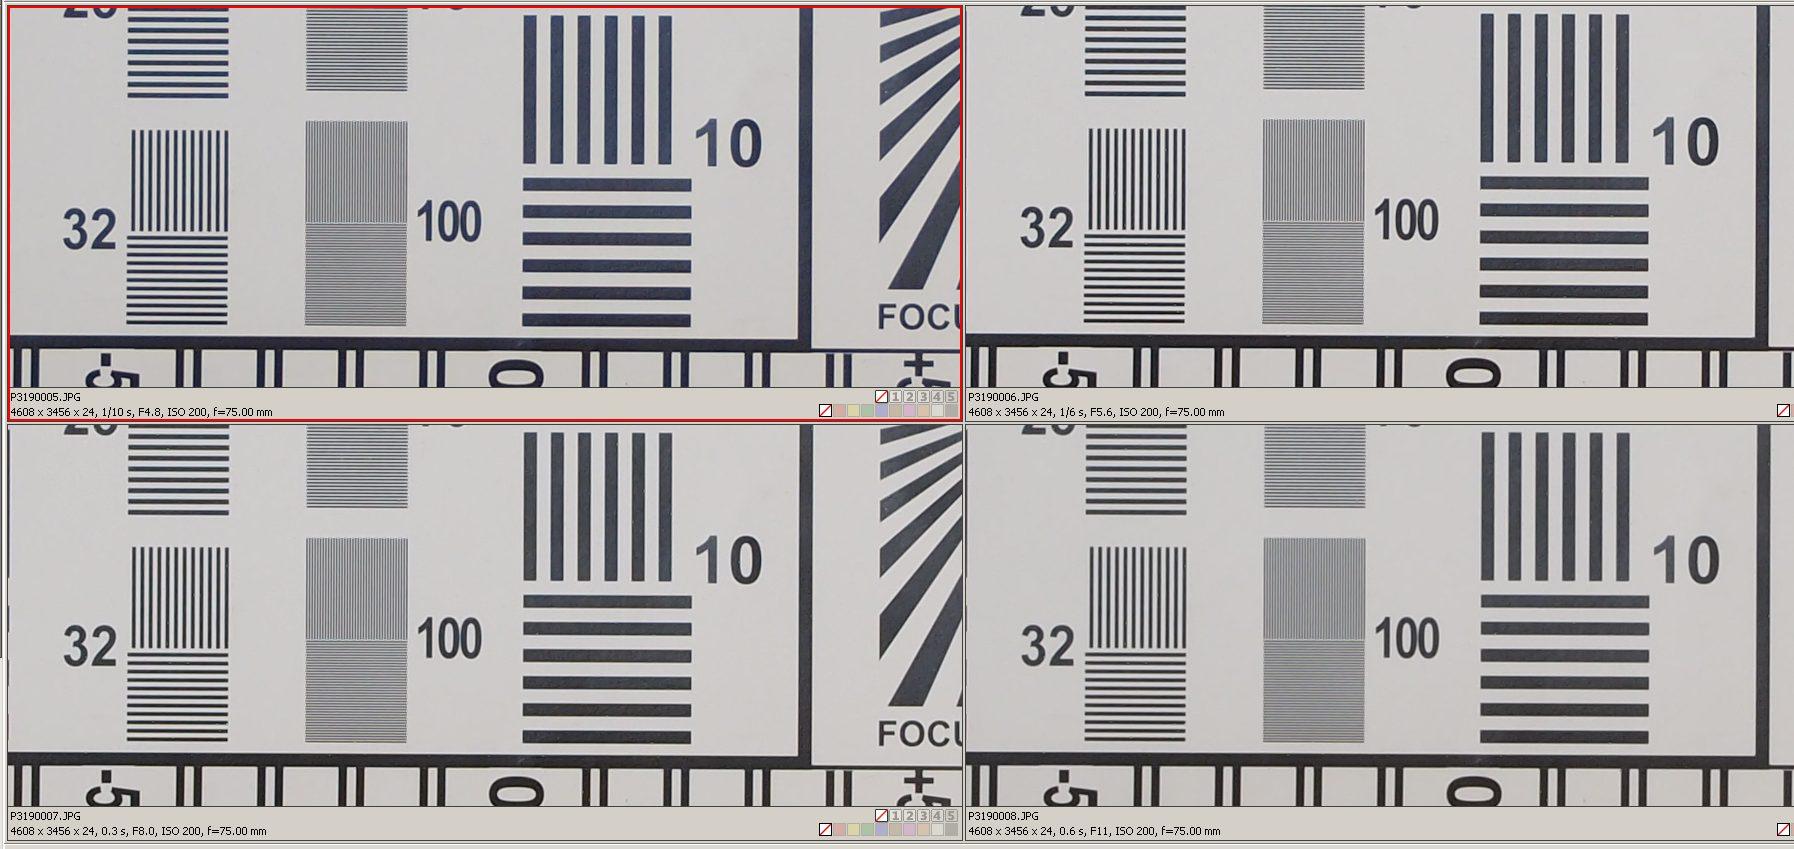 Olympus Mzuiko 75 300mm Ed Ii F 48 67 Digital F48 Black Na Ohnisku Mm Kresl Vten A Vyrovnan Od Pln Svtelnosti Do Clony F11 Ukzka Nahoe Pak Je To Slab Pi F16 Hodn F22